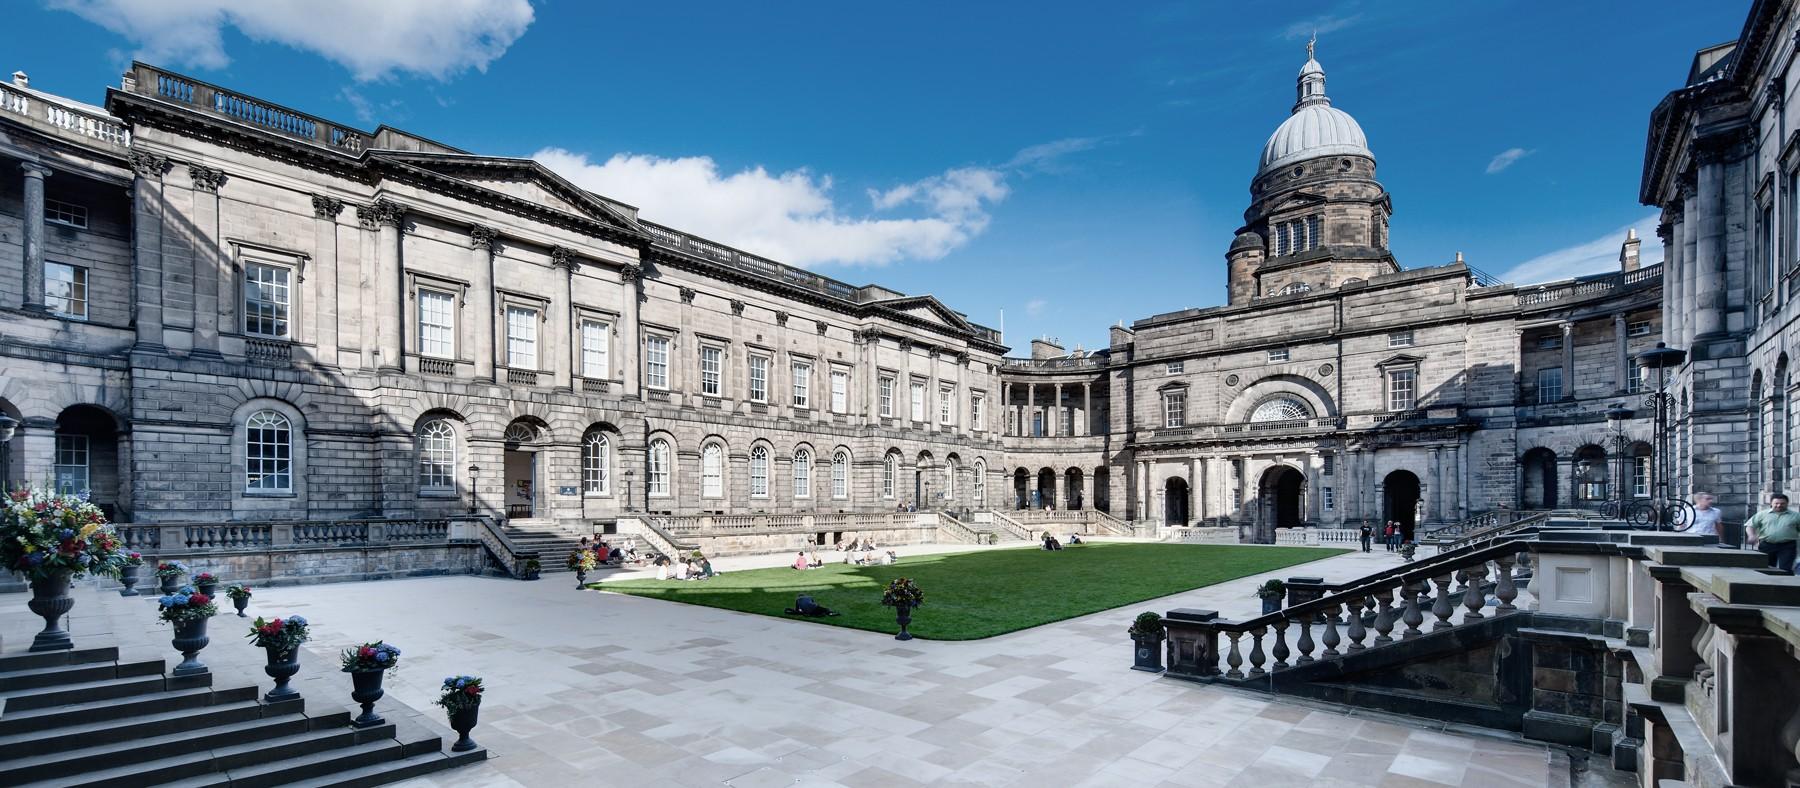 شروط الحصول على قبول من جامعة أدنبرة